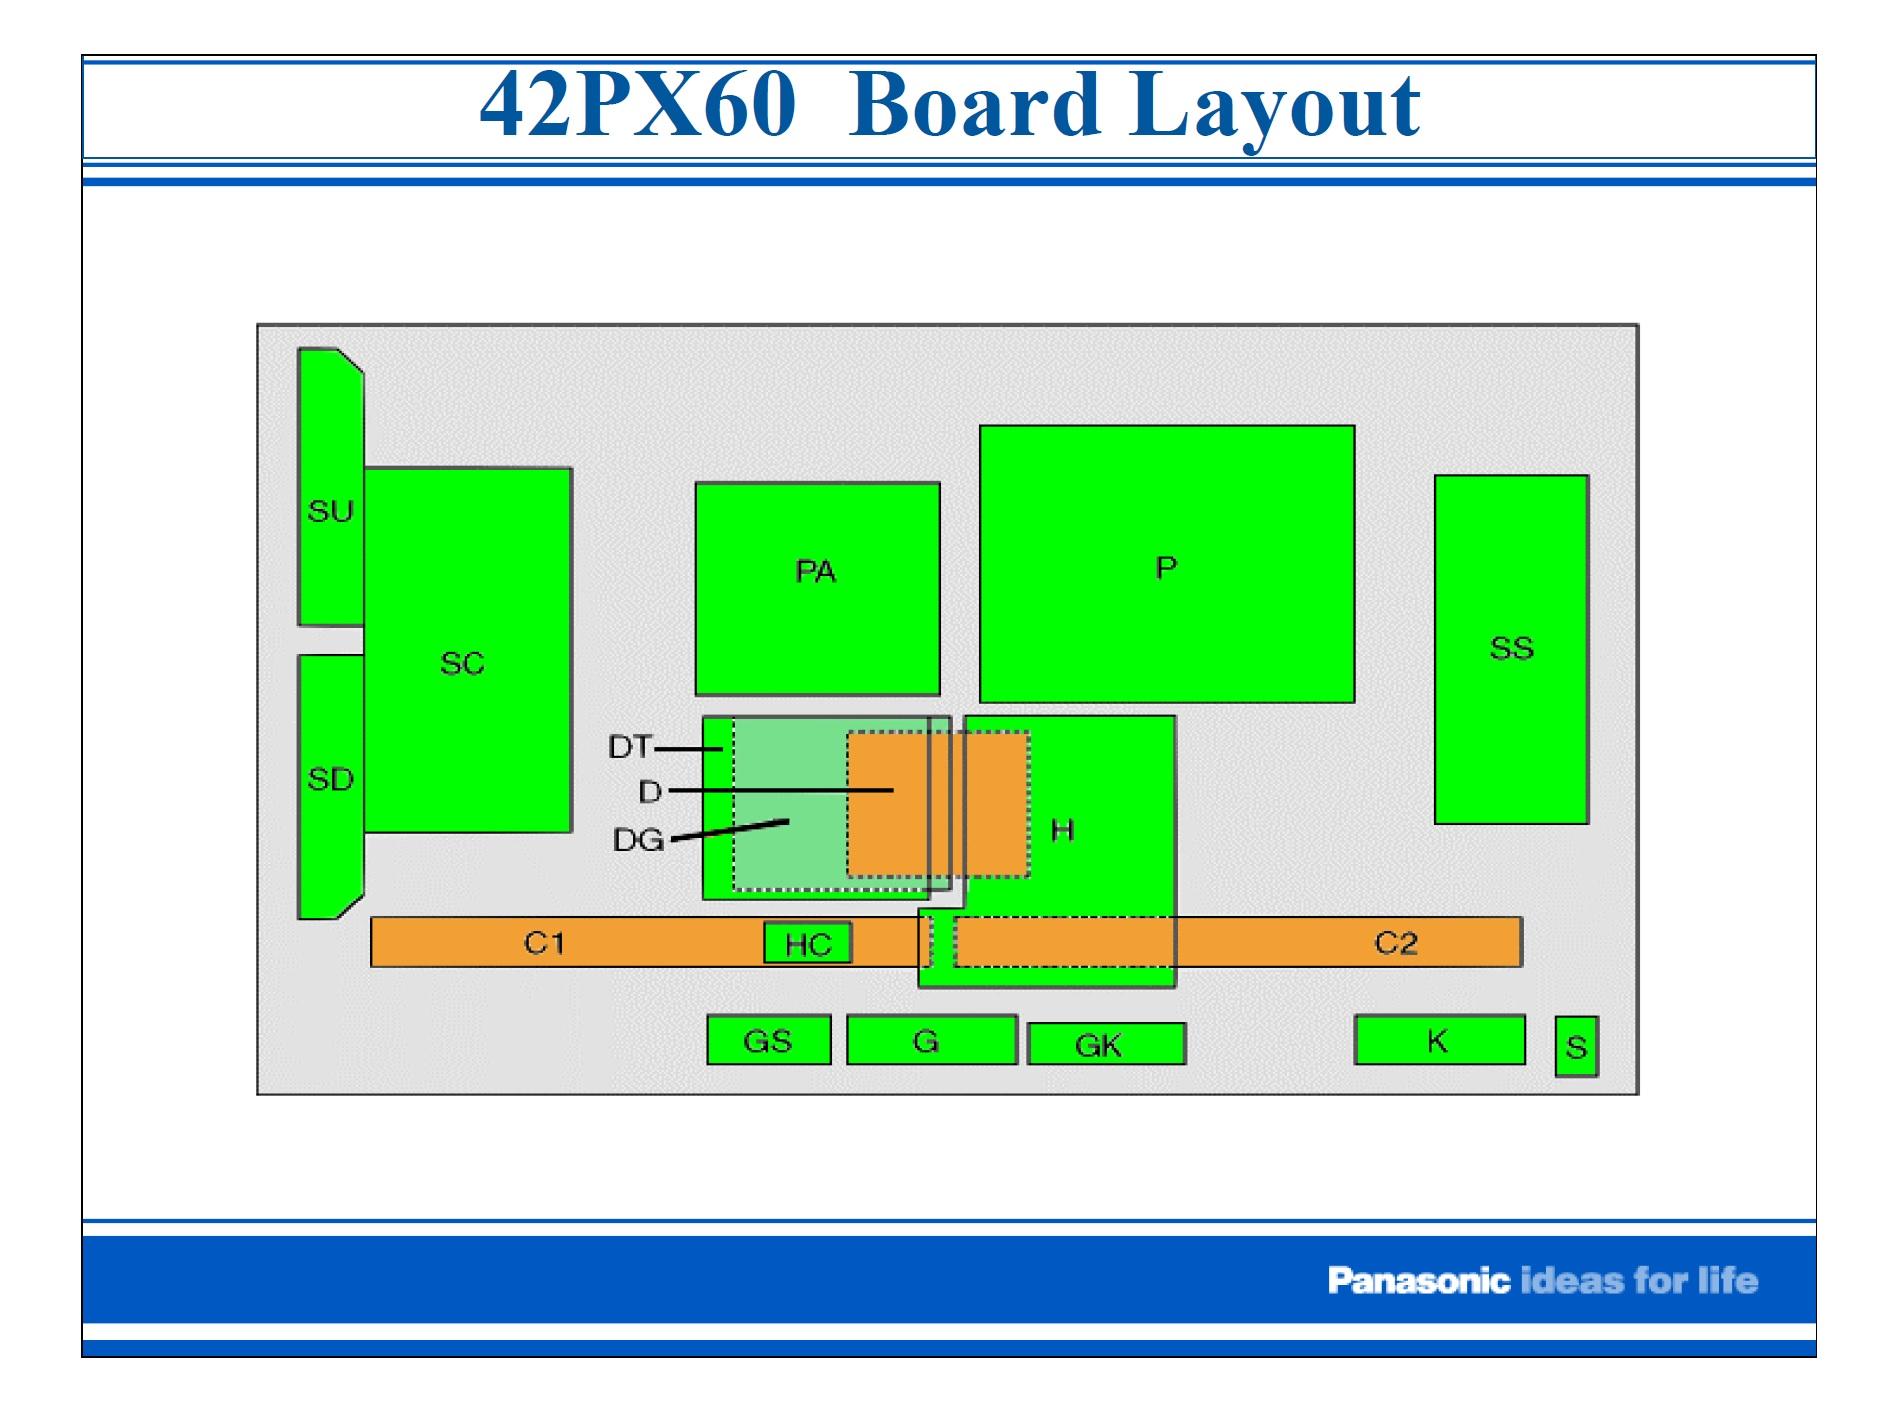 3647894d-6fd1-49f5-b9b3-4f5a7eaca158_board location Panasonic-1.jpg